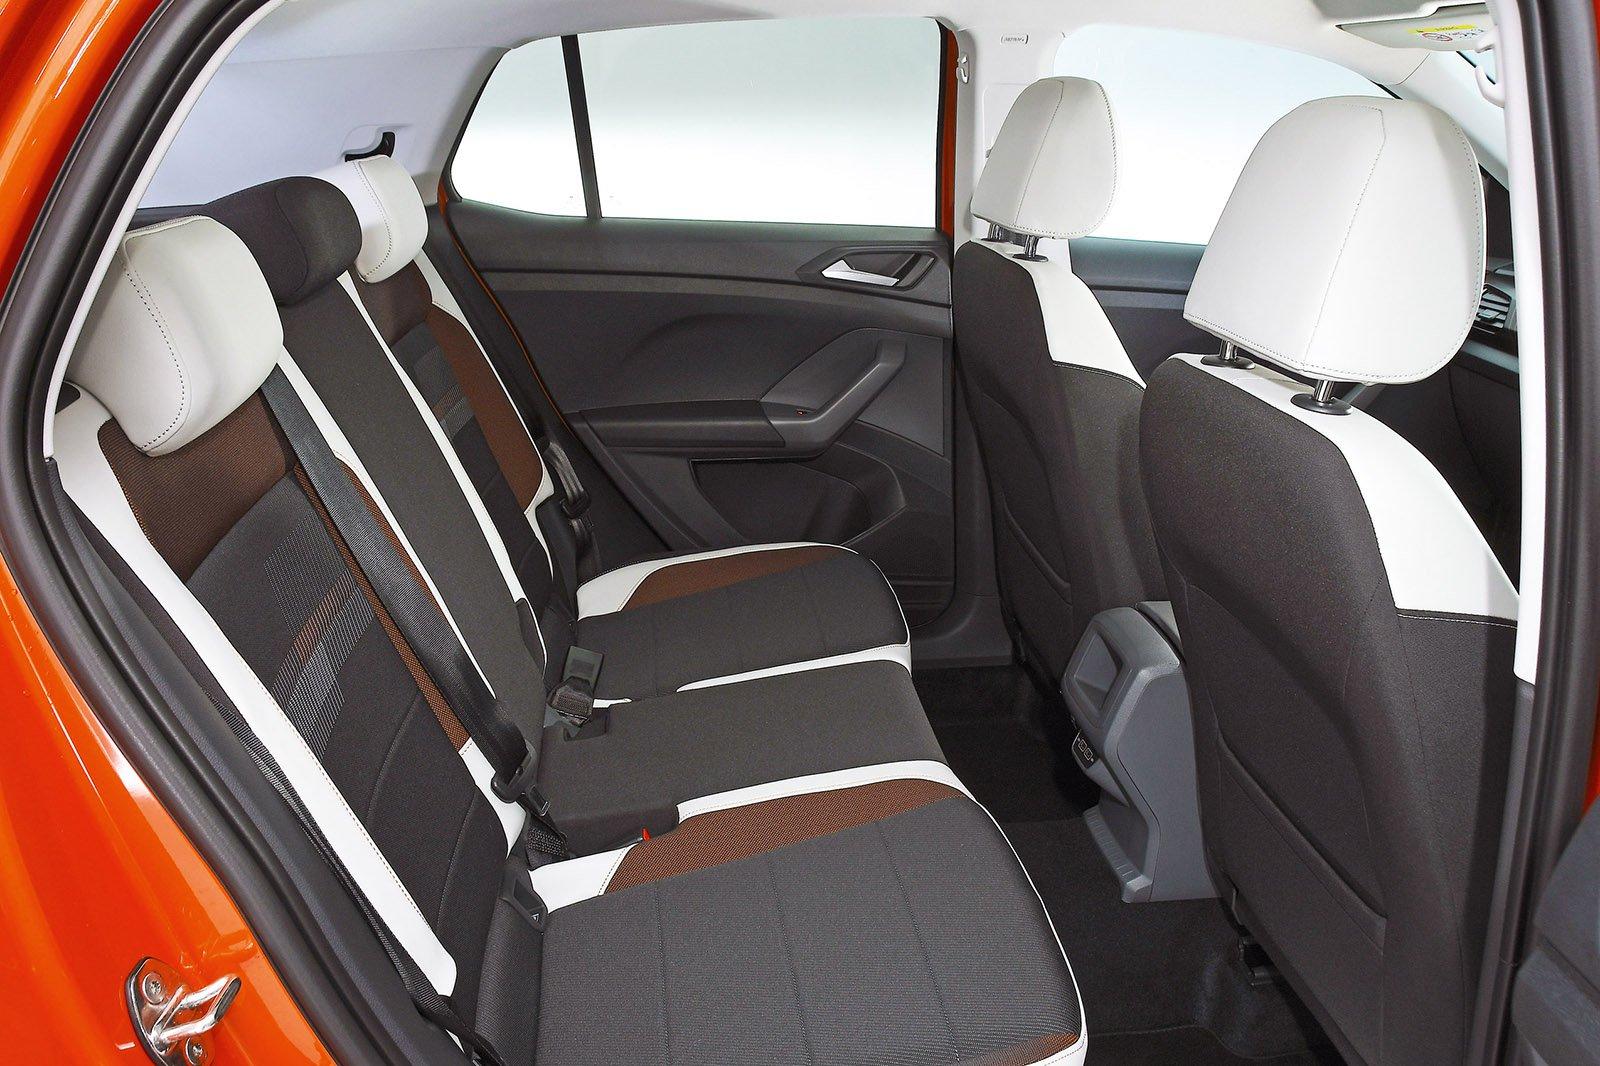 Volkswagen T-Cross rear seats